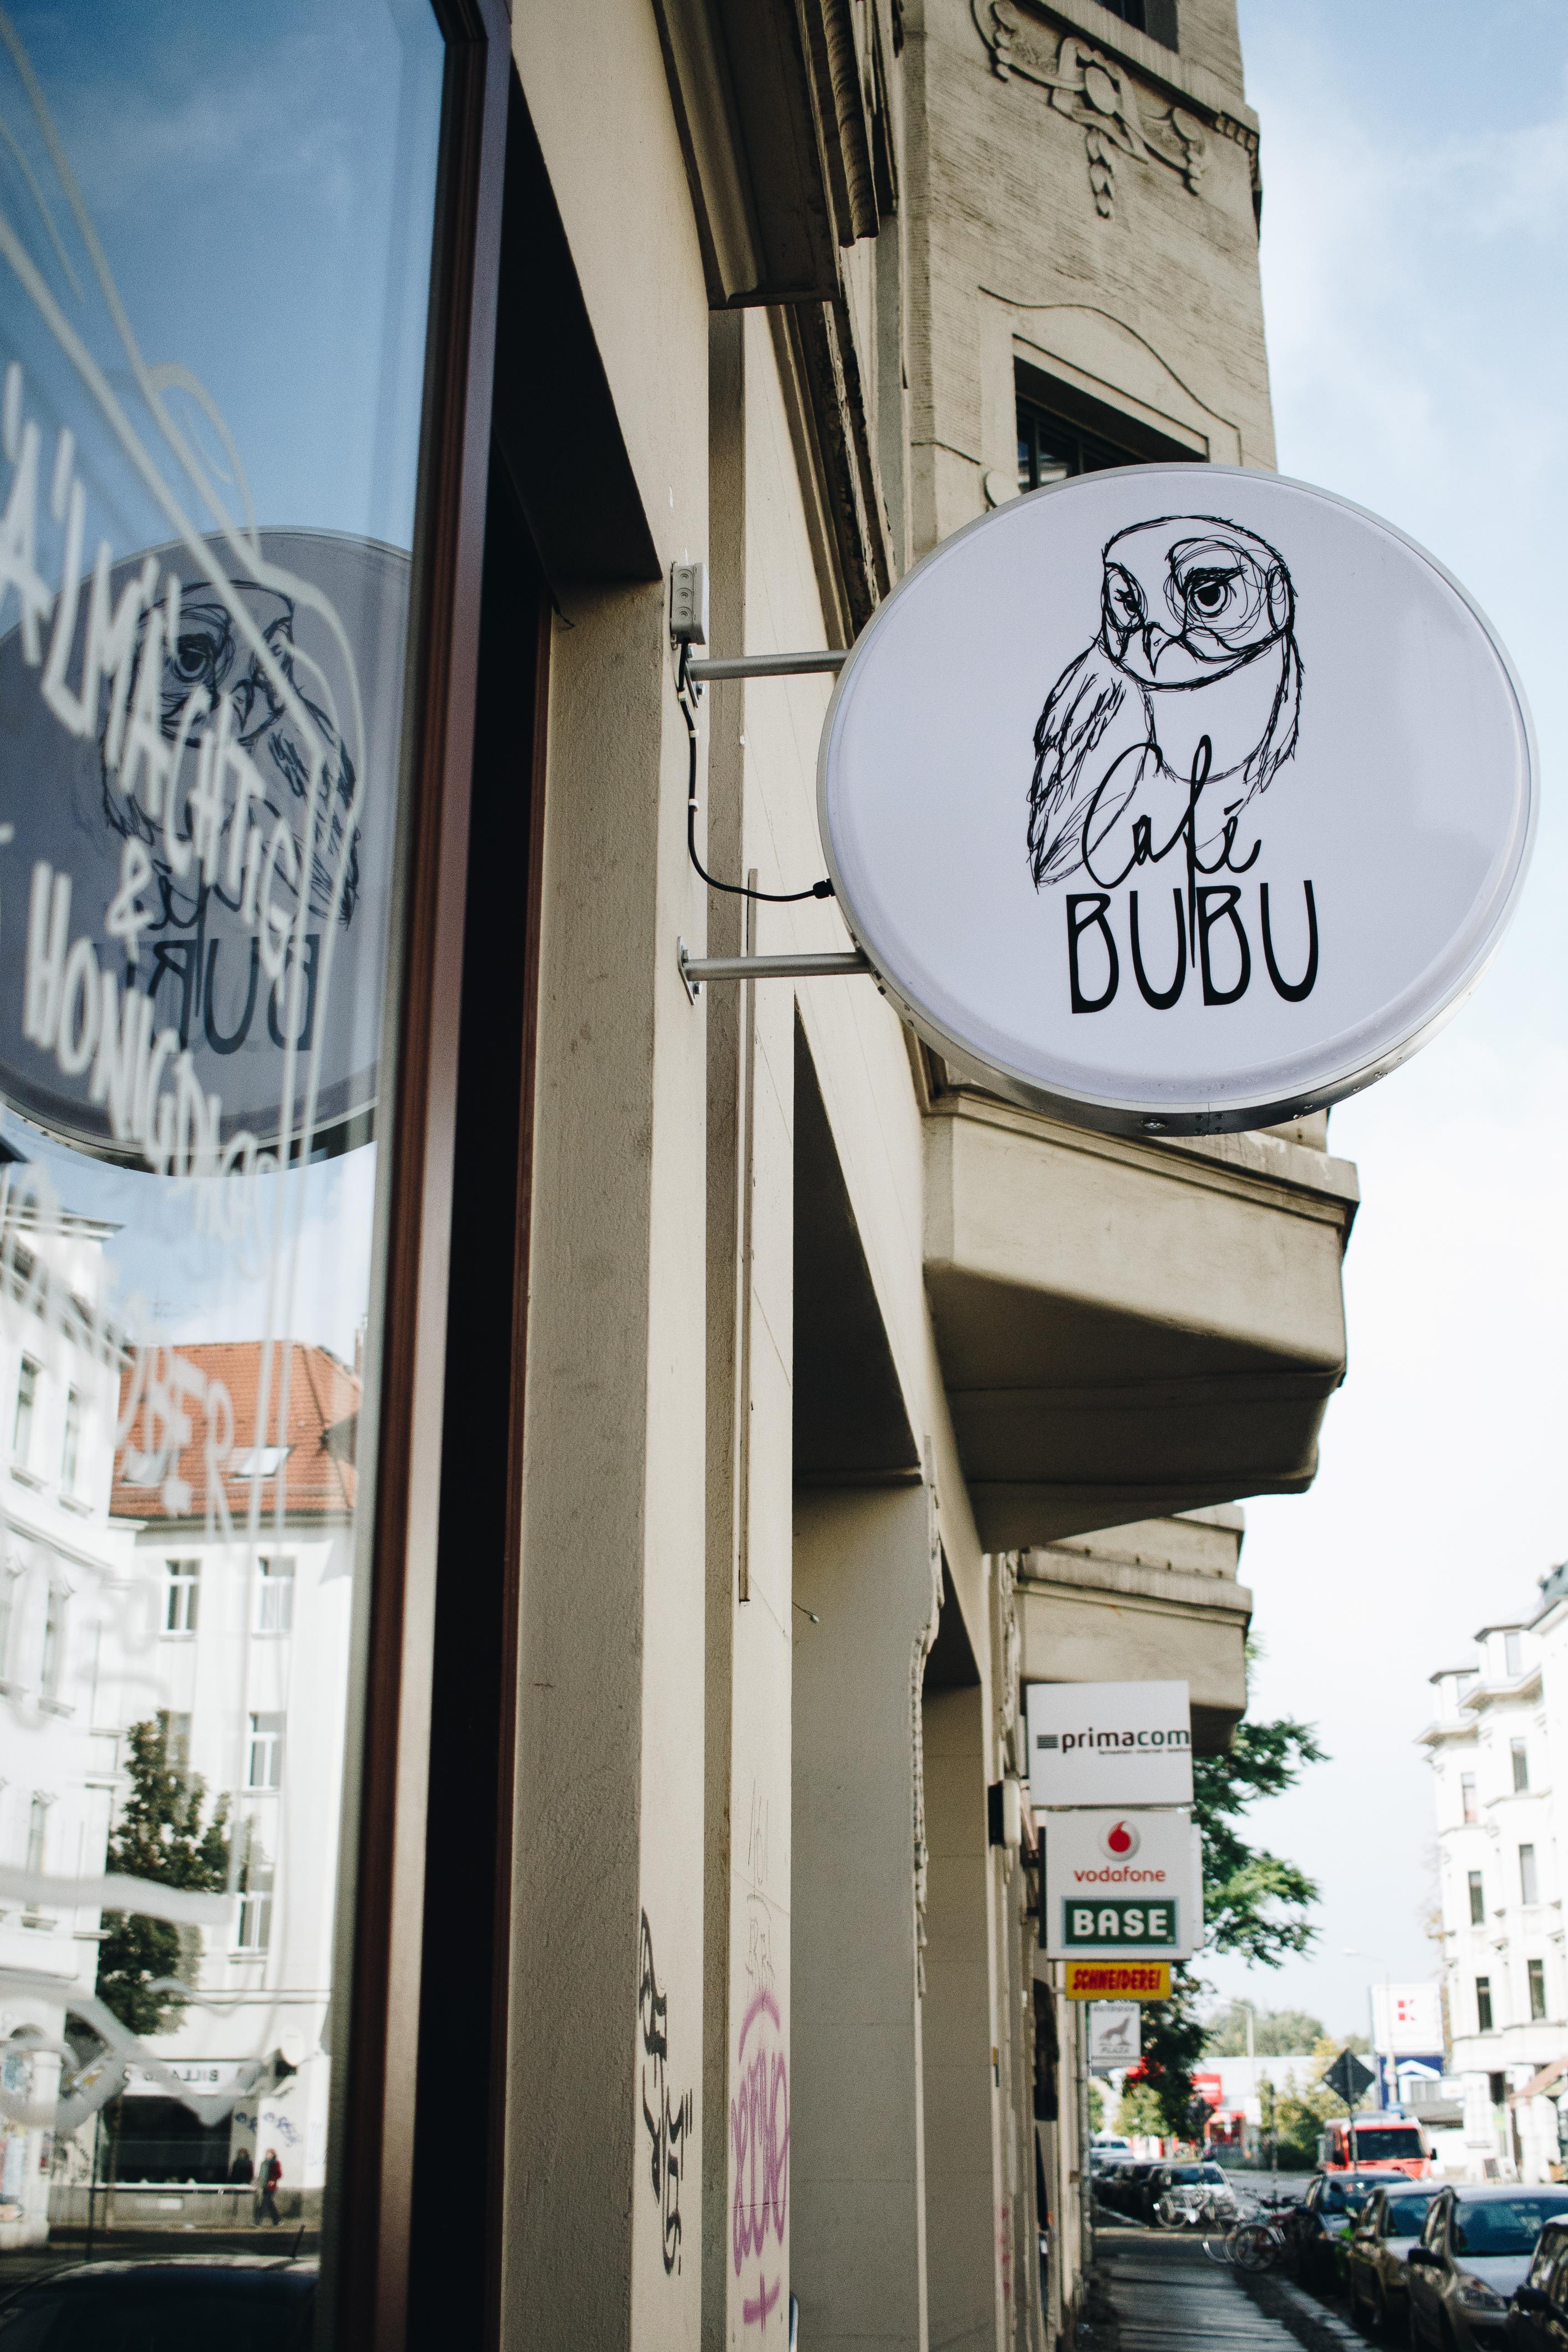 café bubu-reudnitz-annabelle sagt-leipzig39